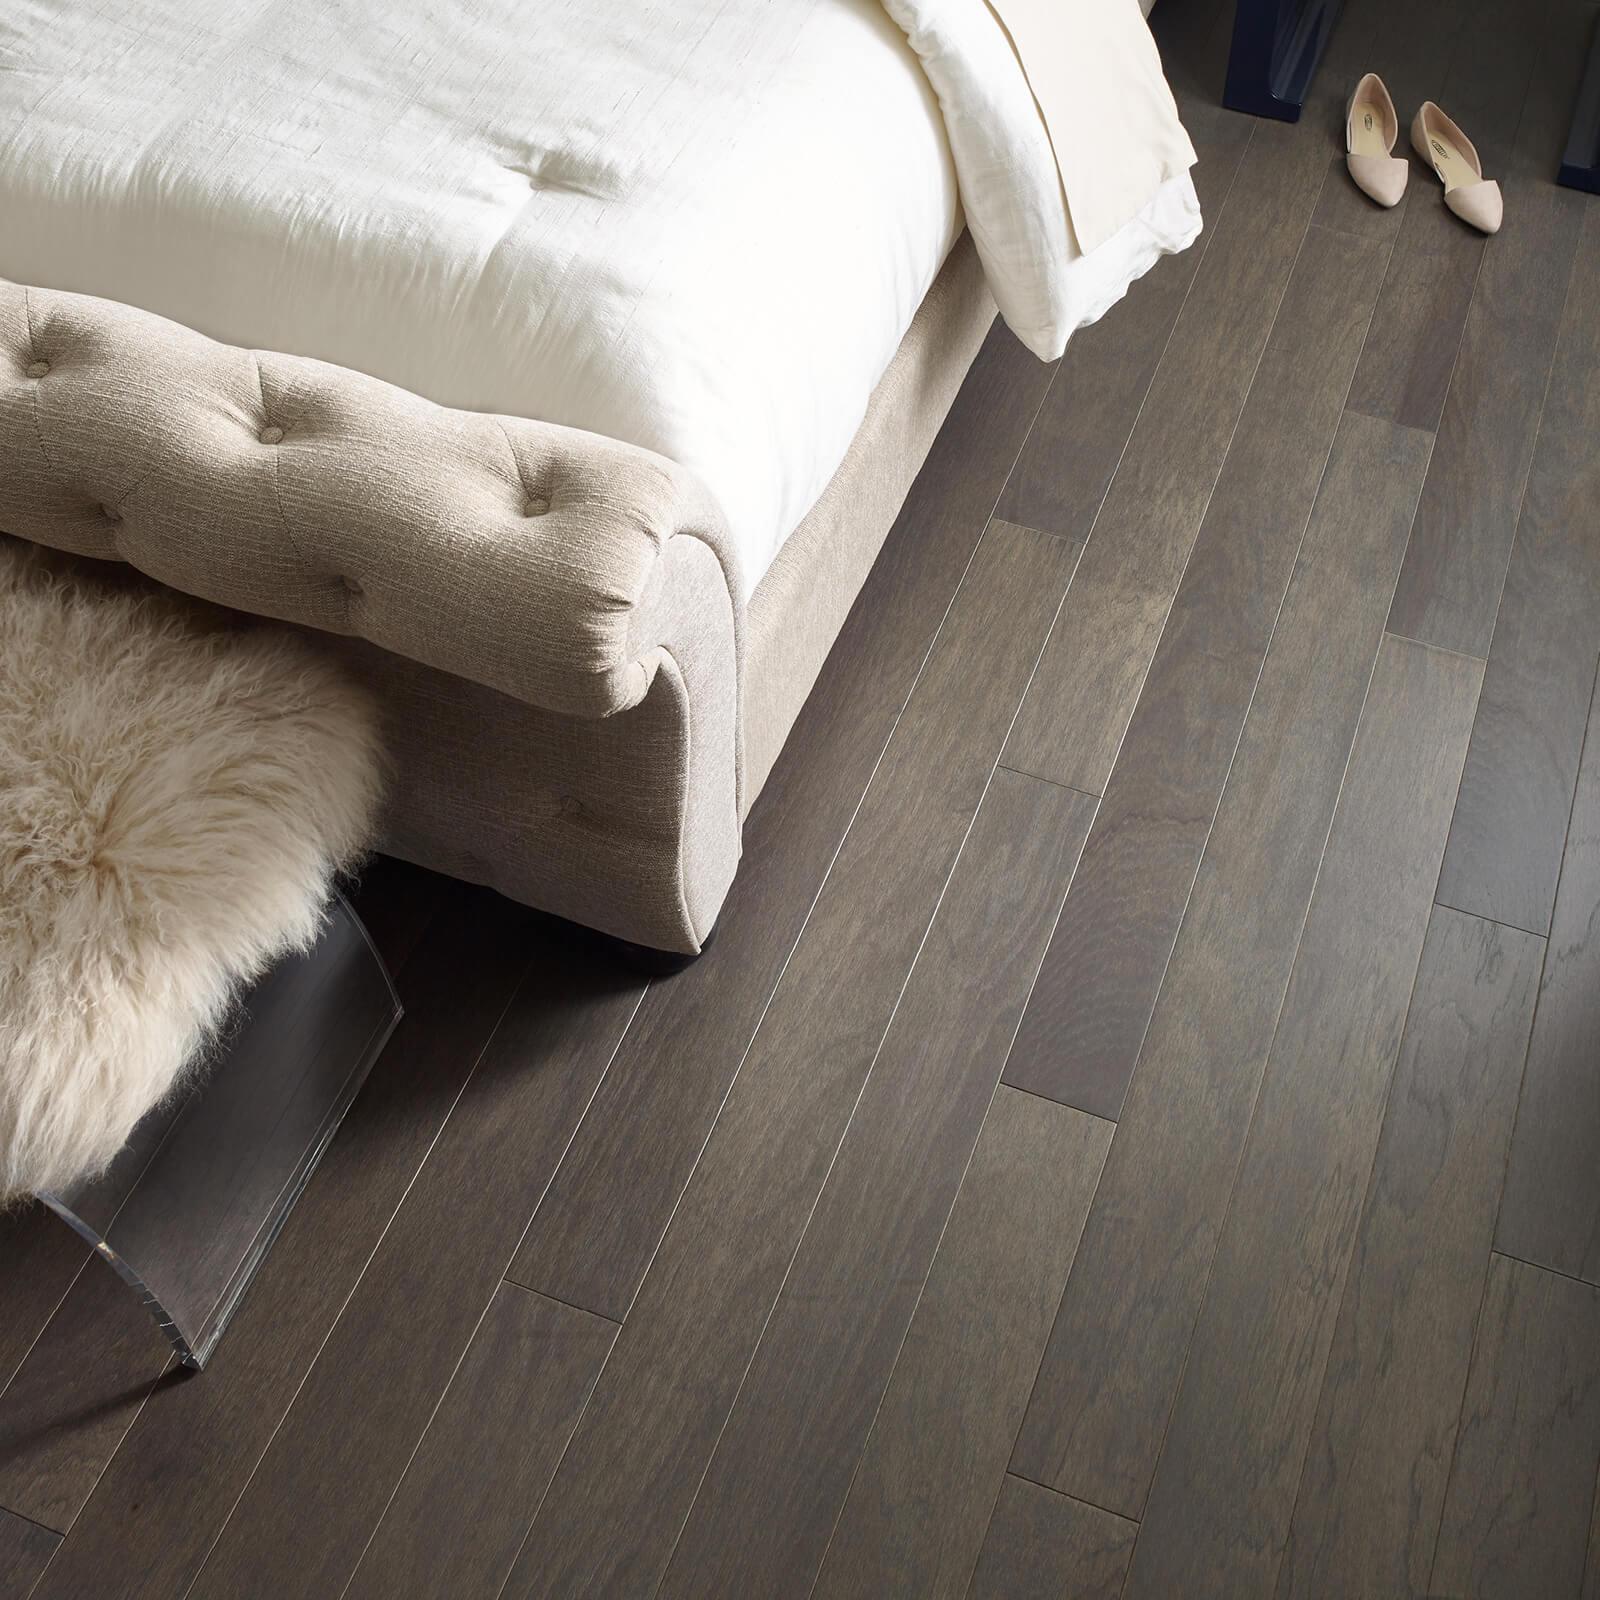 Northington smooth flooring | McSwain Carpet & Floors